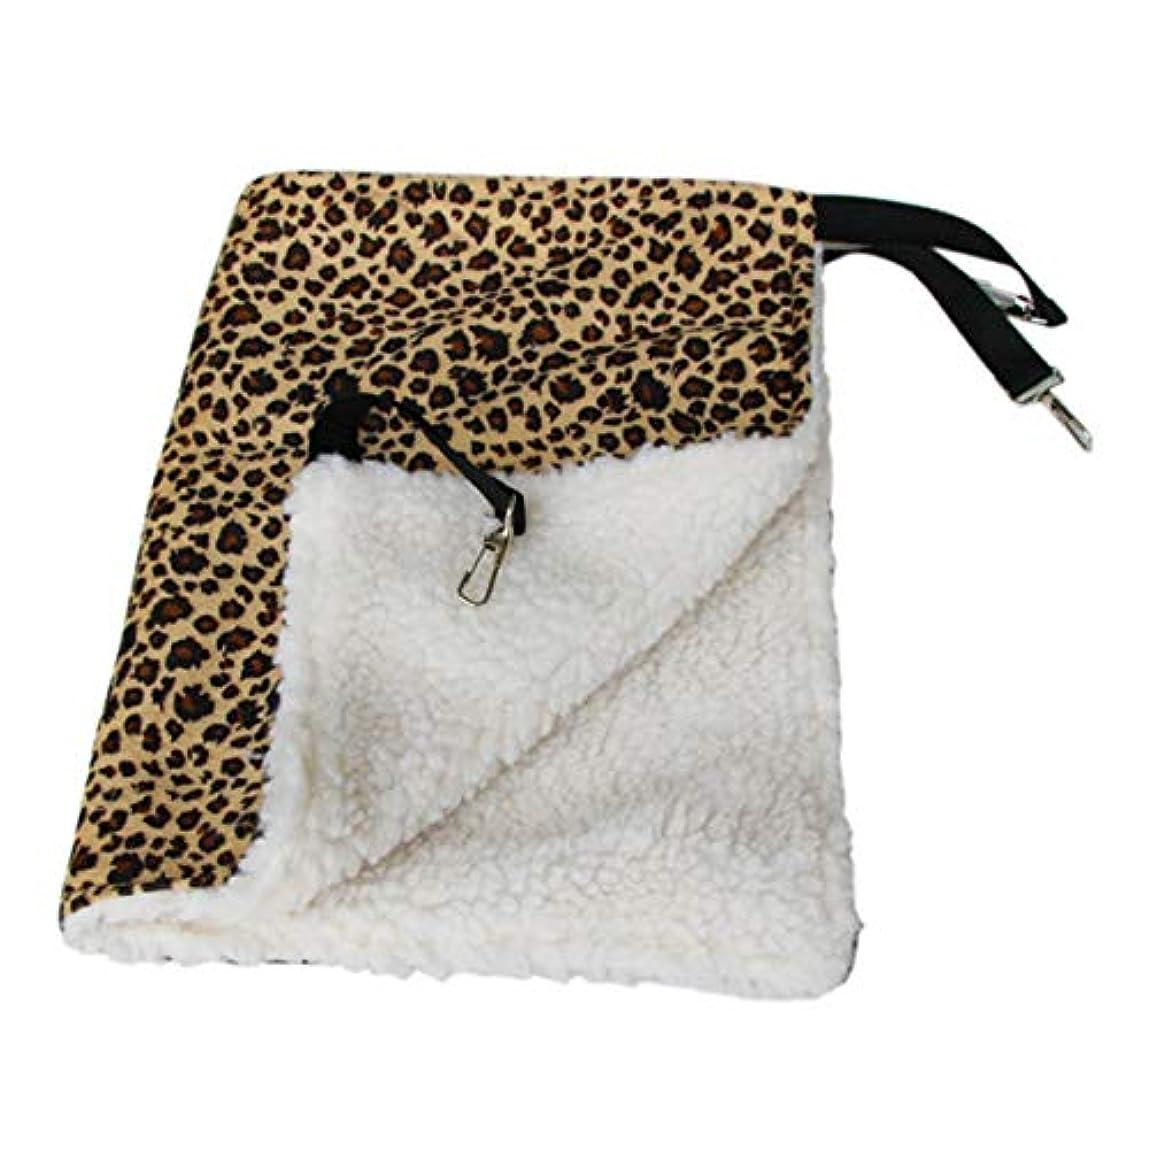 安定致命的なキリスト教Saikogoods 暖かいハンギング猫ベッドマットソフトキャットハンモック冬ハンモックペット子猫ケージベッドカバークッションエアベッドペット 黄 L